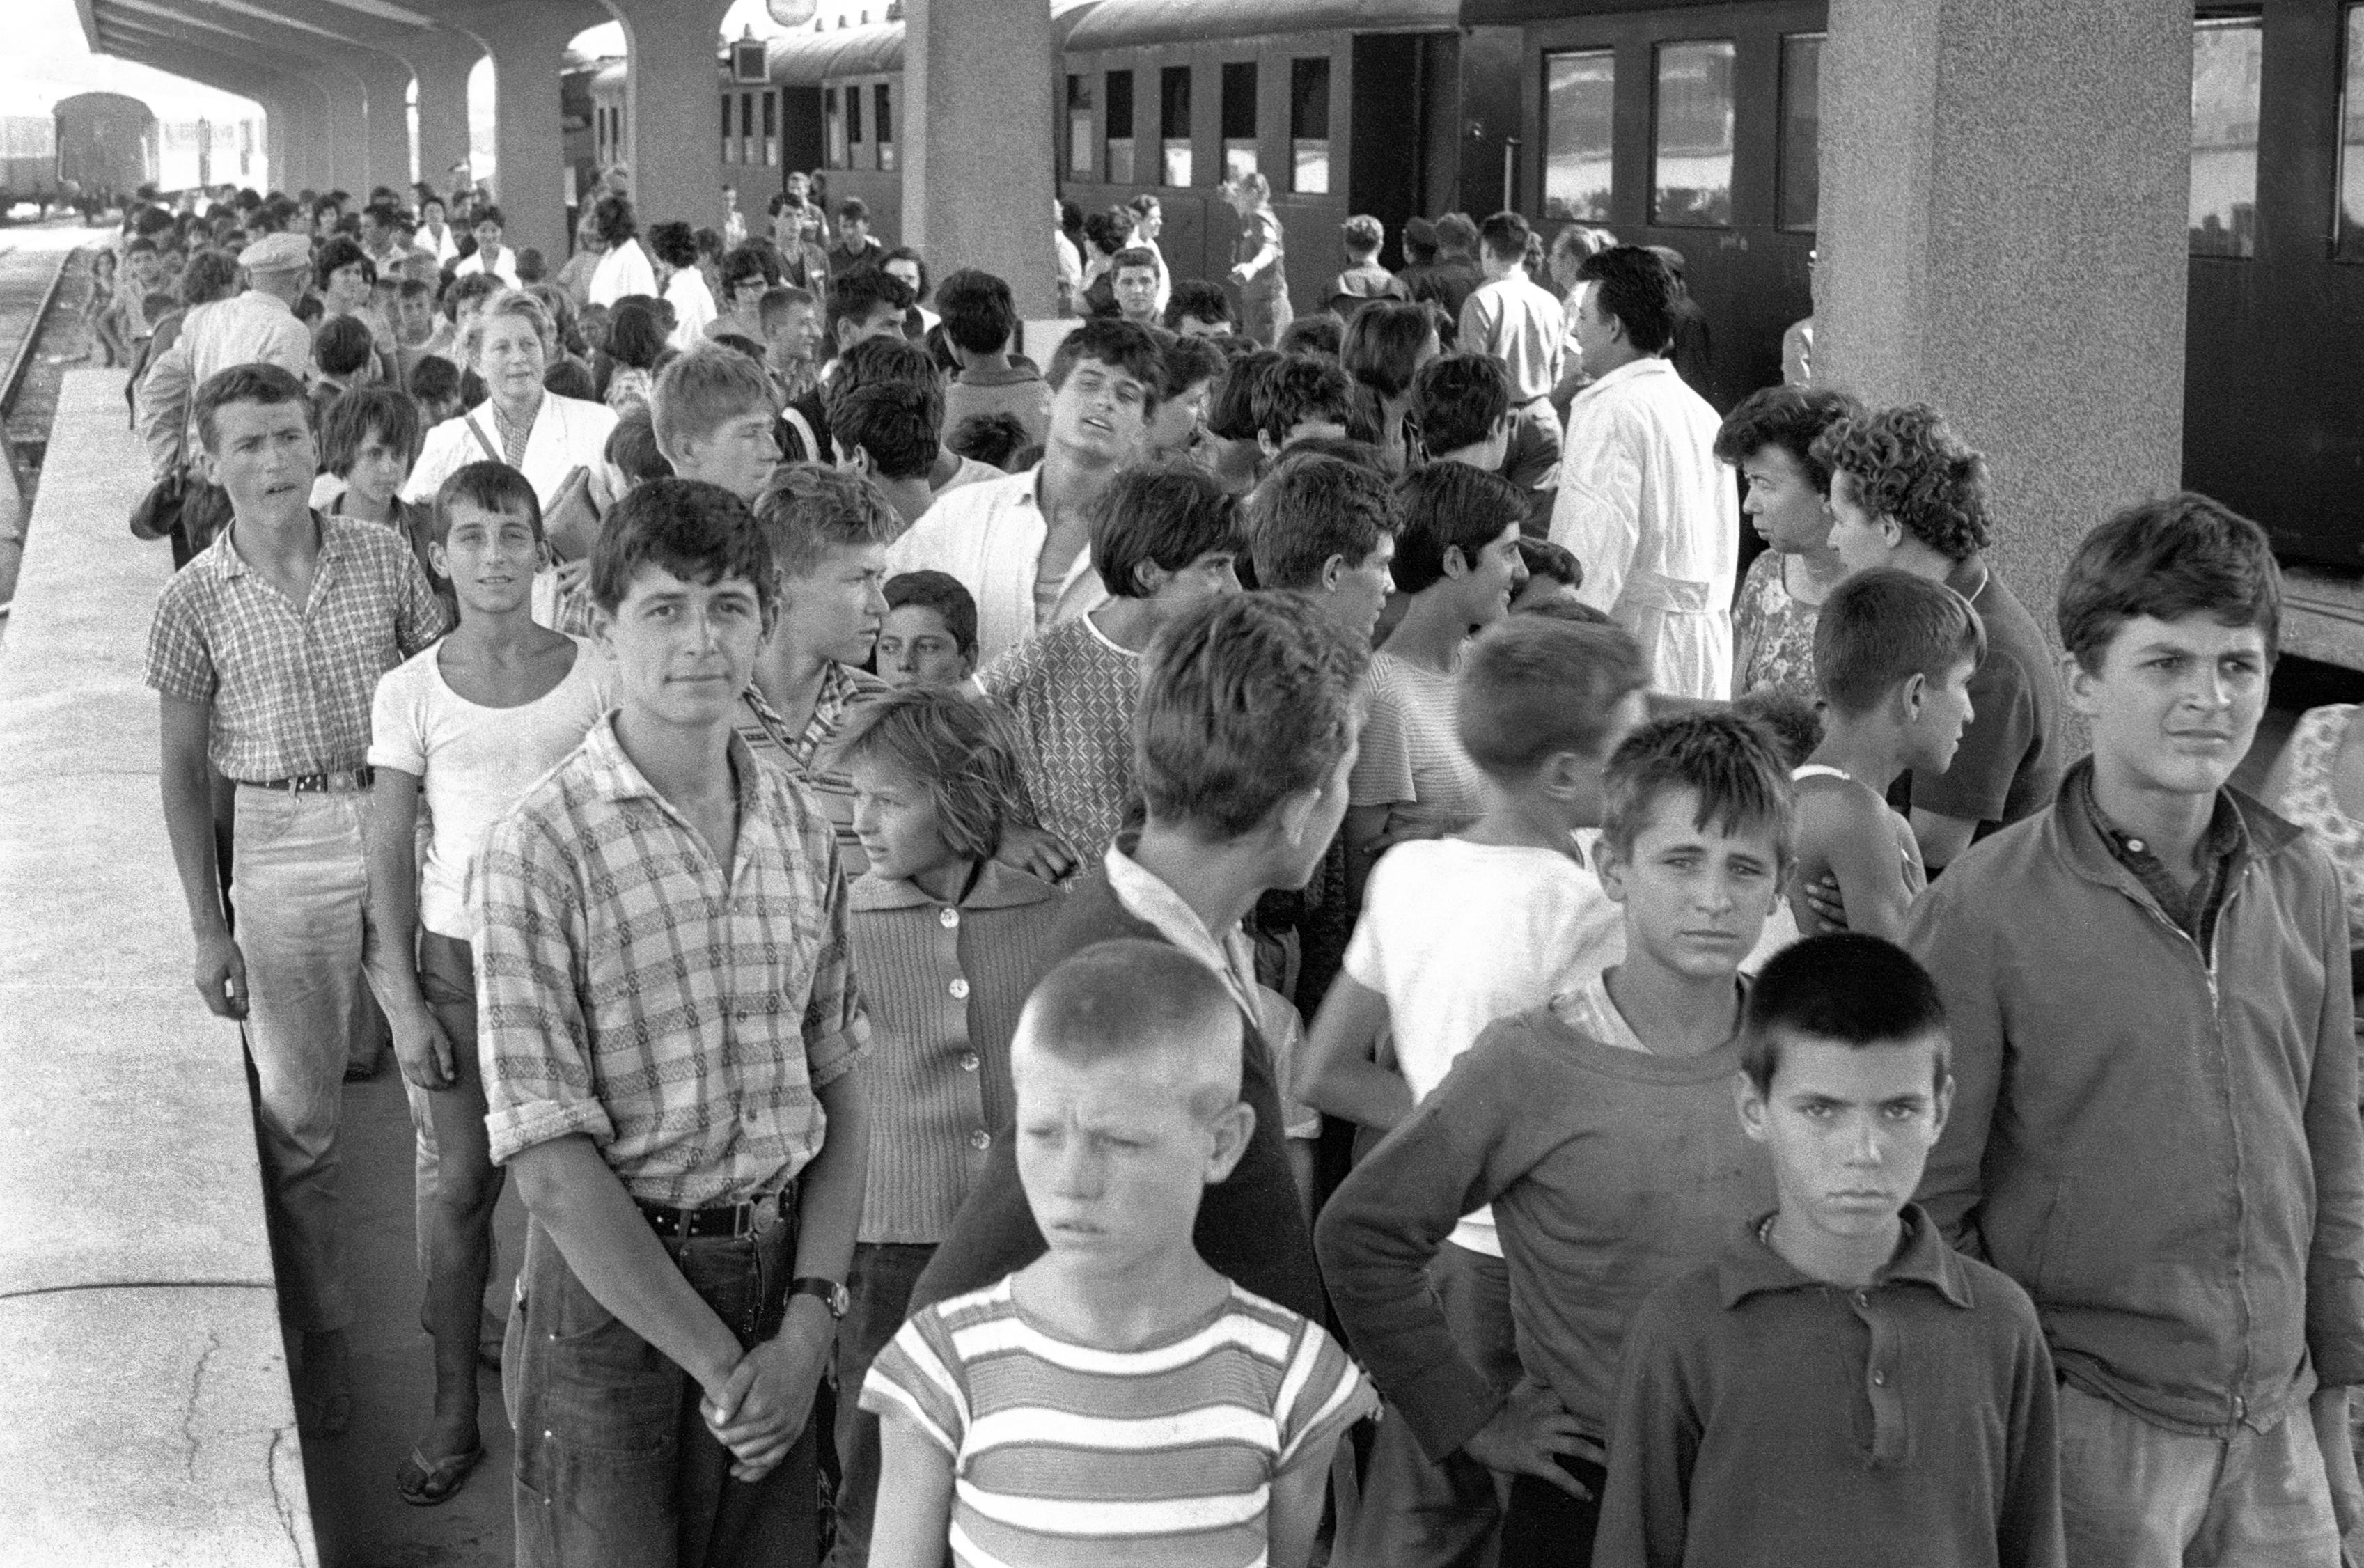 Prihod_otrok_iz_Skopja_ki_ga_je_prizadel_hud_potres_1963